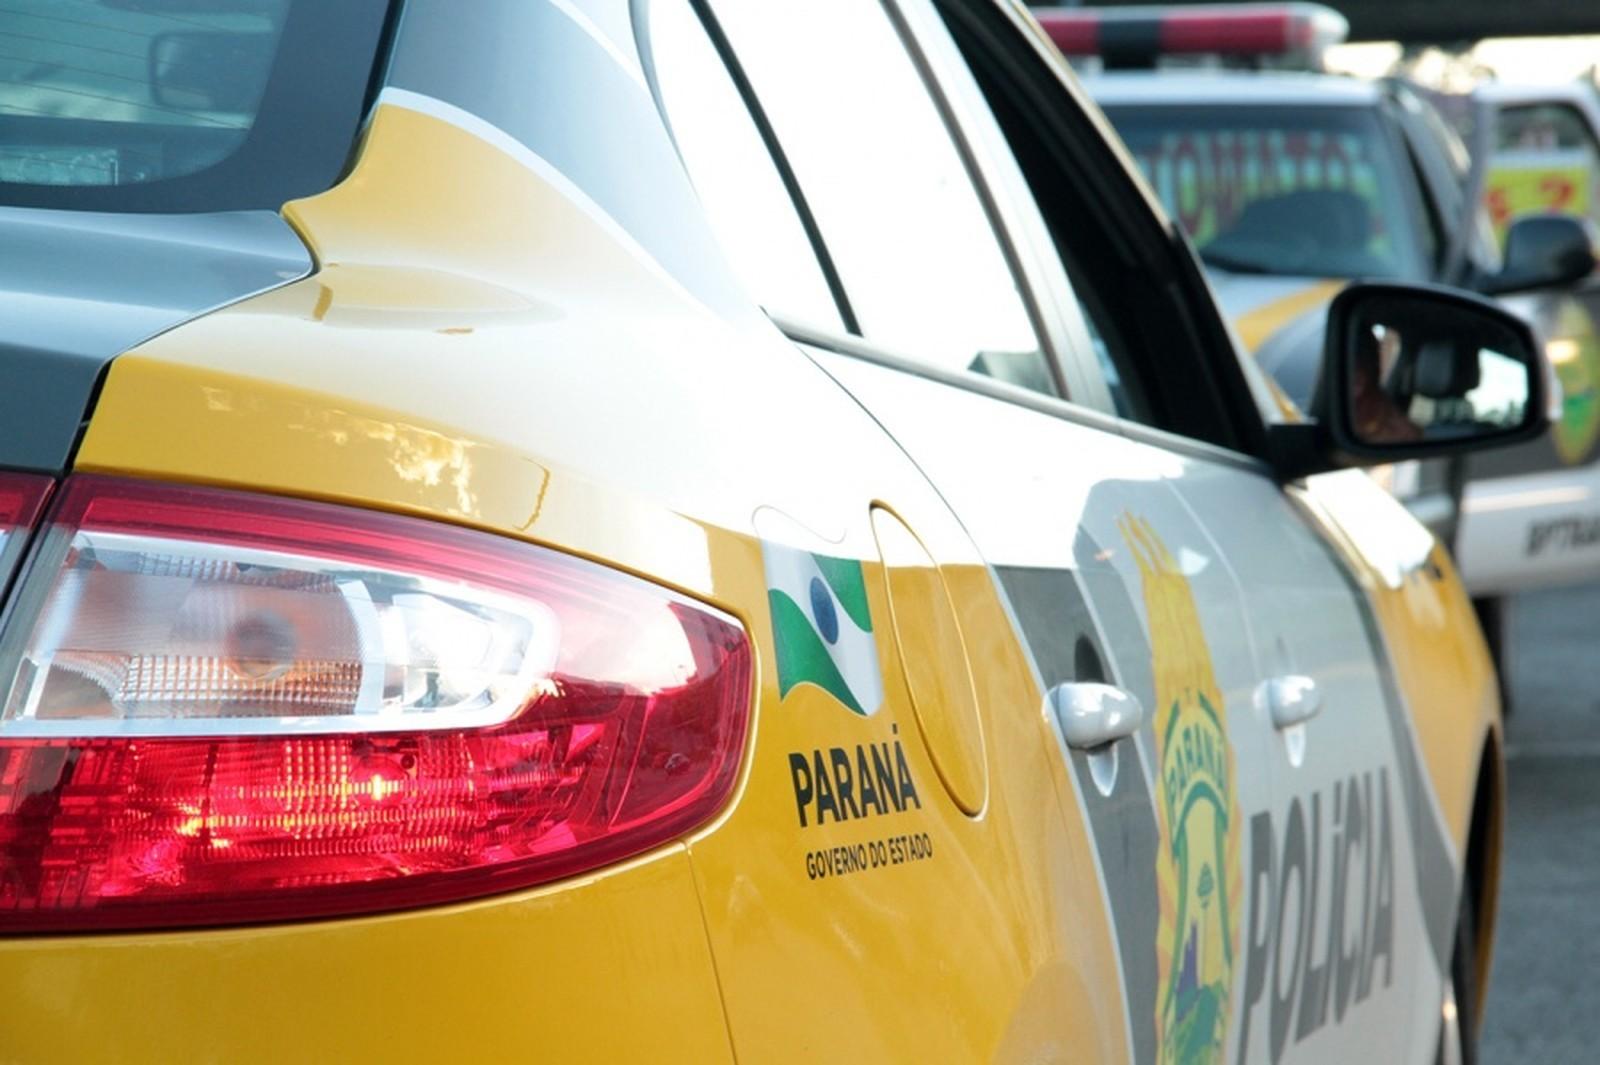 Homem é preso após agredir e manter companheira em cárcere privado em São José dos Pinhais, diz polícia